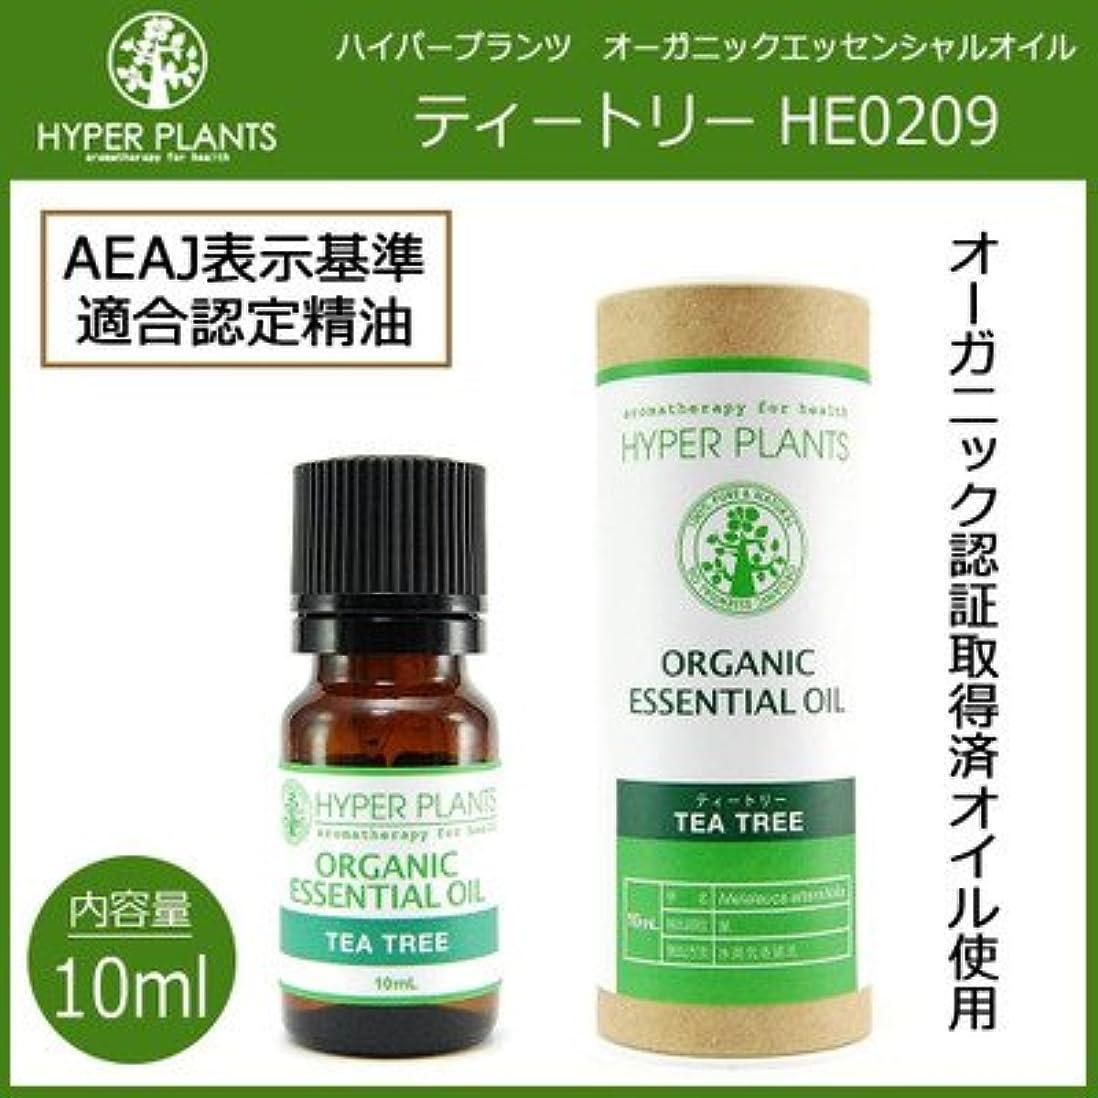 毎日の生活にアロマの香りを HYPER PLANTS ハイパープランツ オーガニックエッセンシャルオイル ティートリー 10ml HE0209